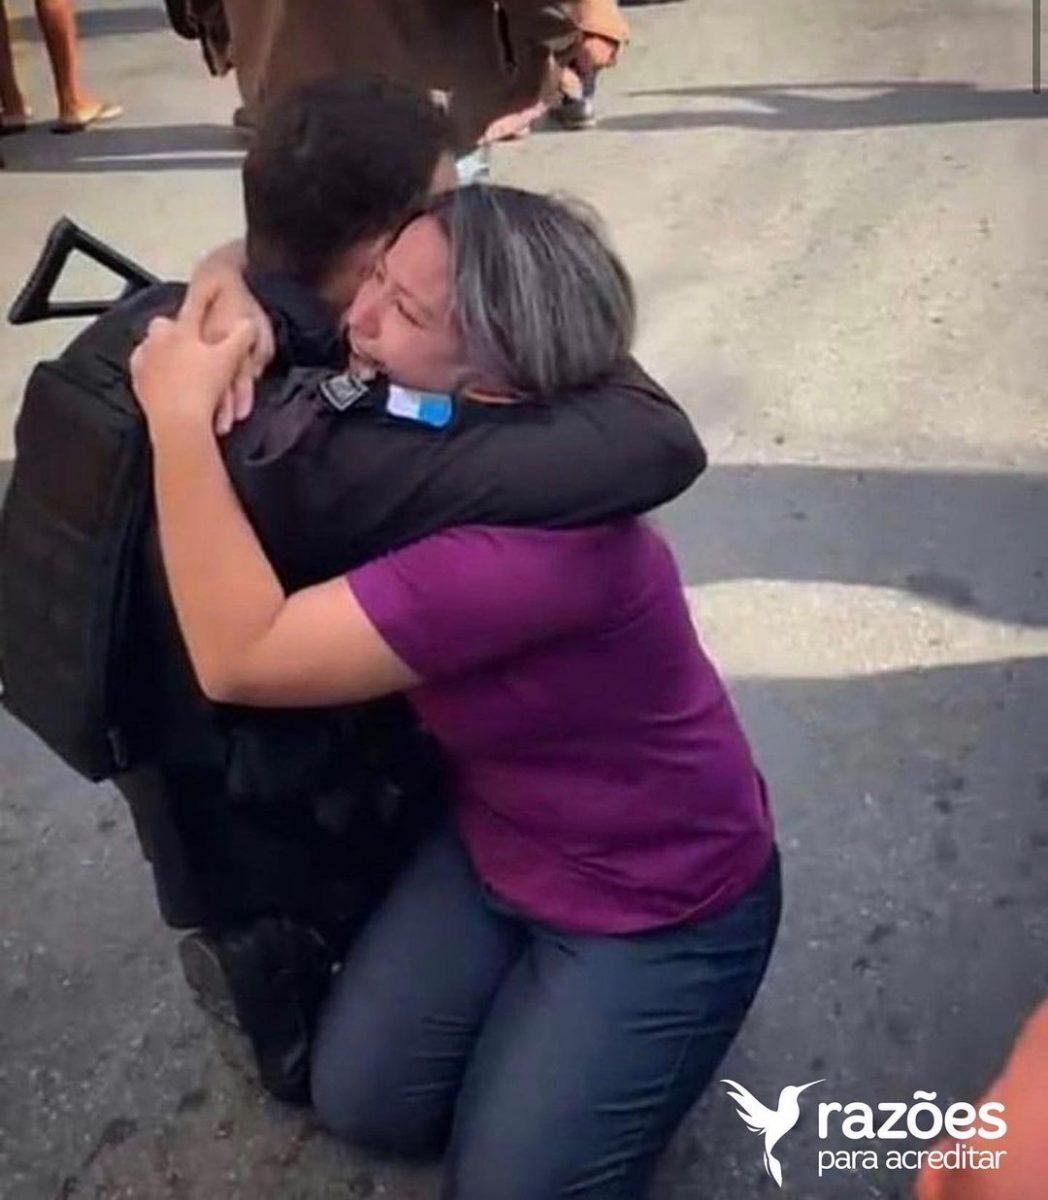 policial salva refem abraco scaled - Policial se abraça à vítima logo após salvá-la de sequestrador, no Rio